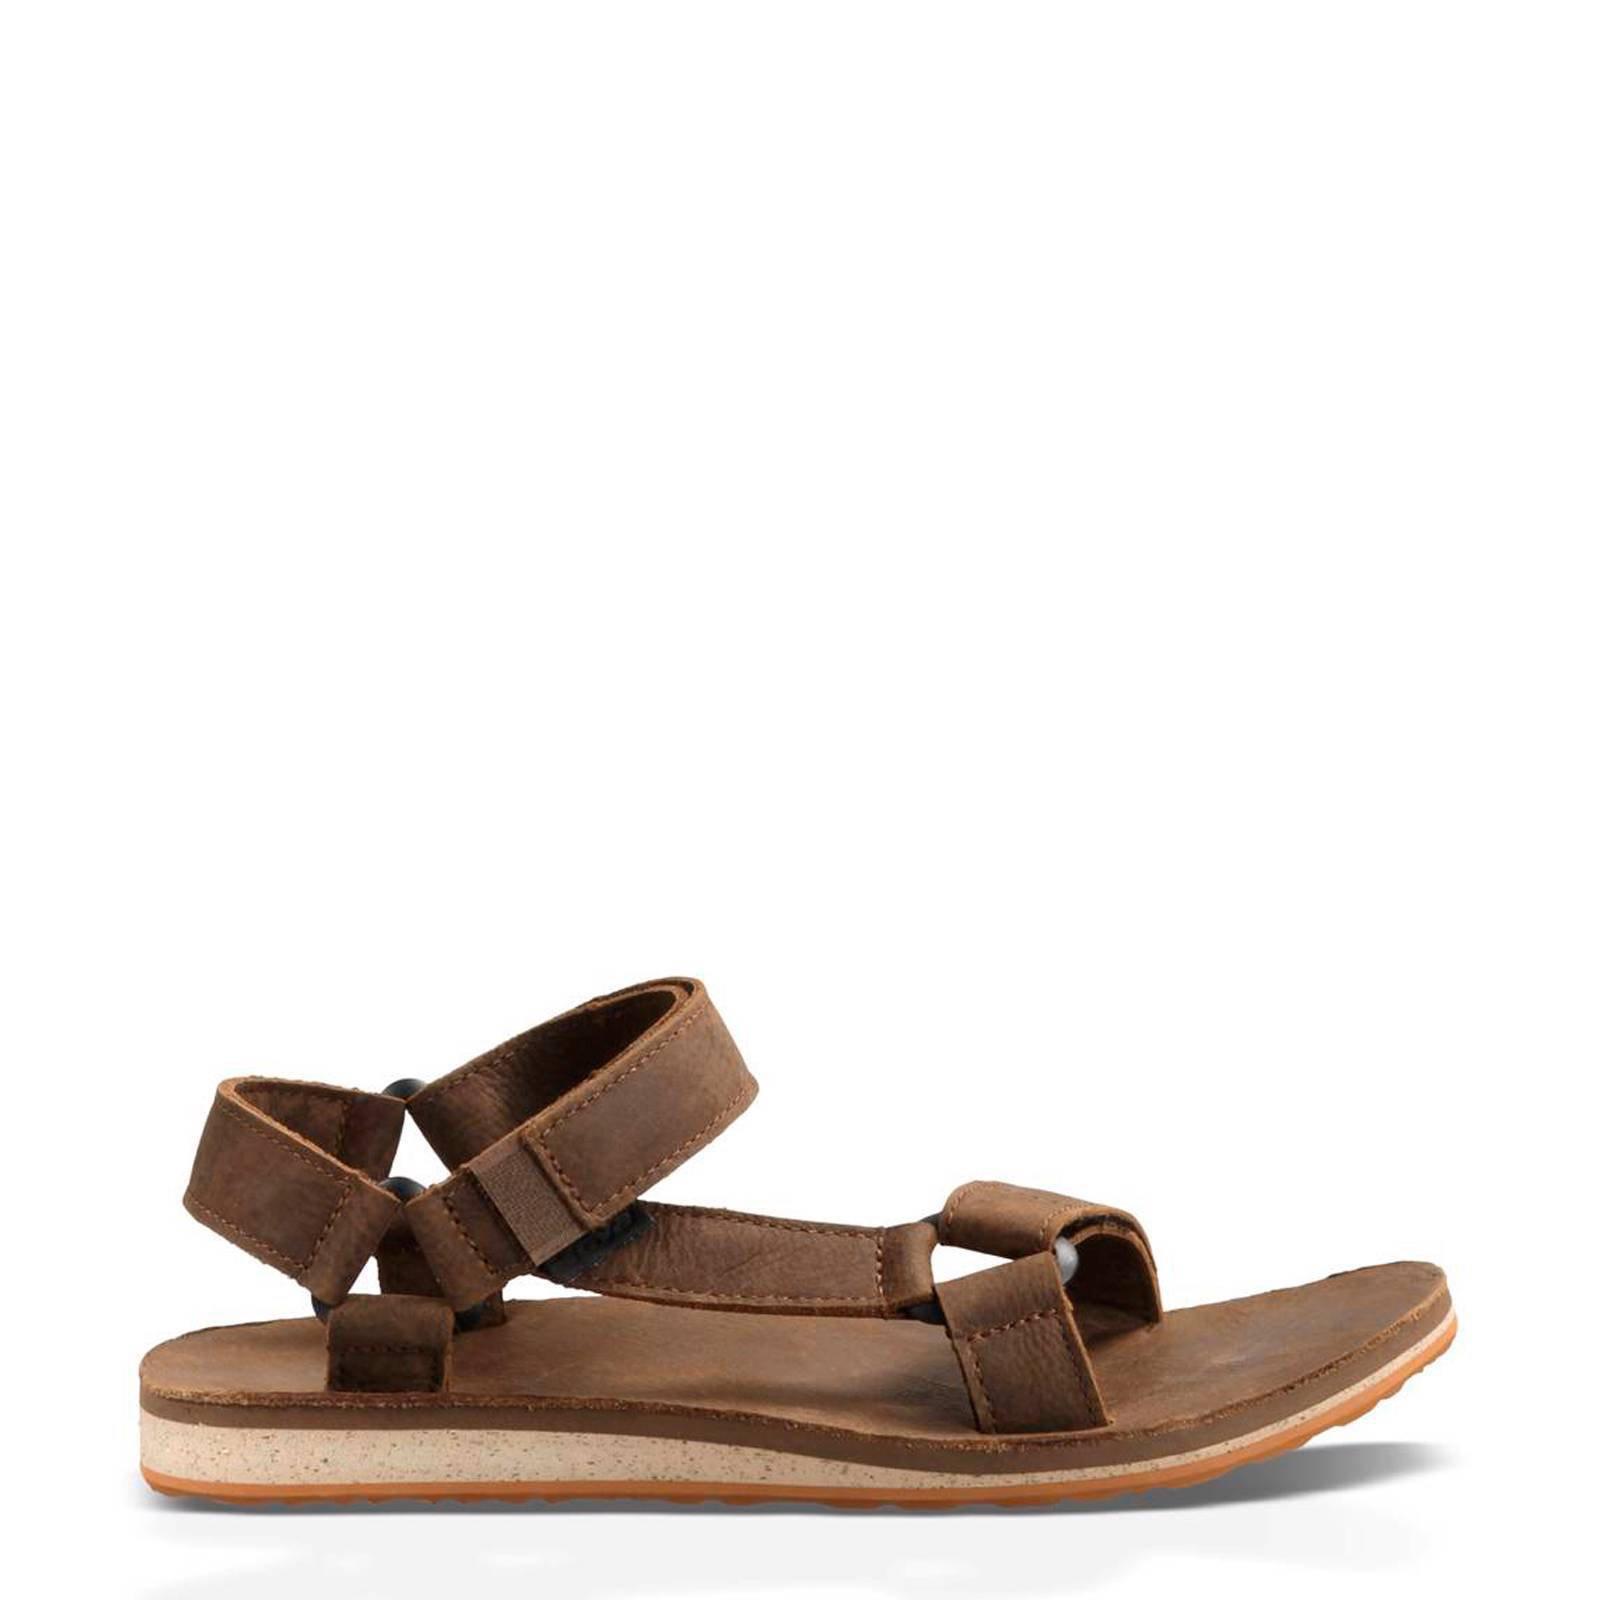 Teva Original leren outdoor sandalen bruin | wehkamp